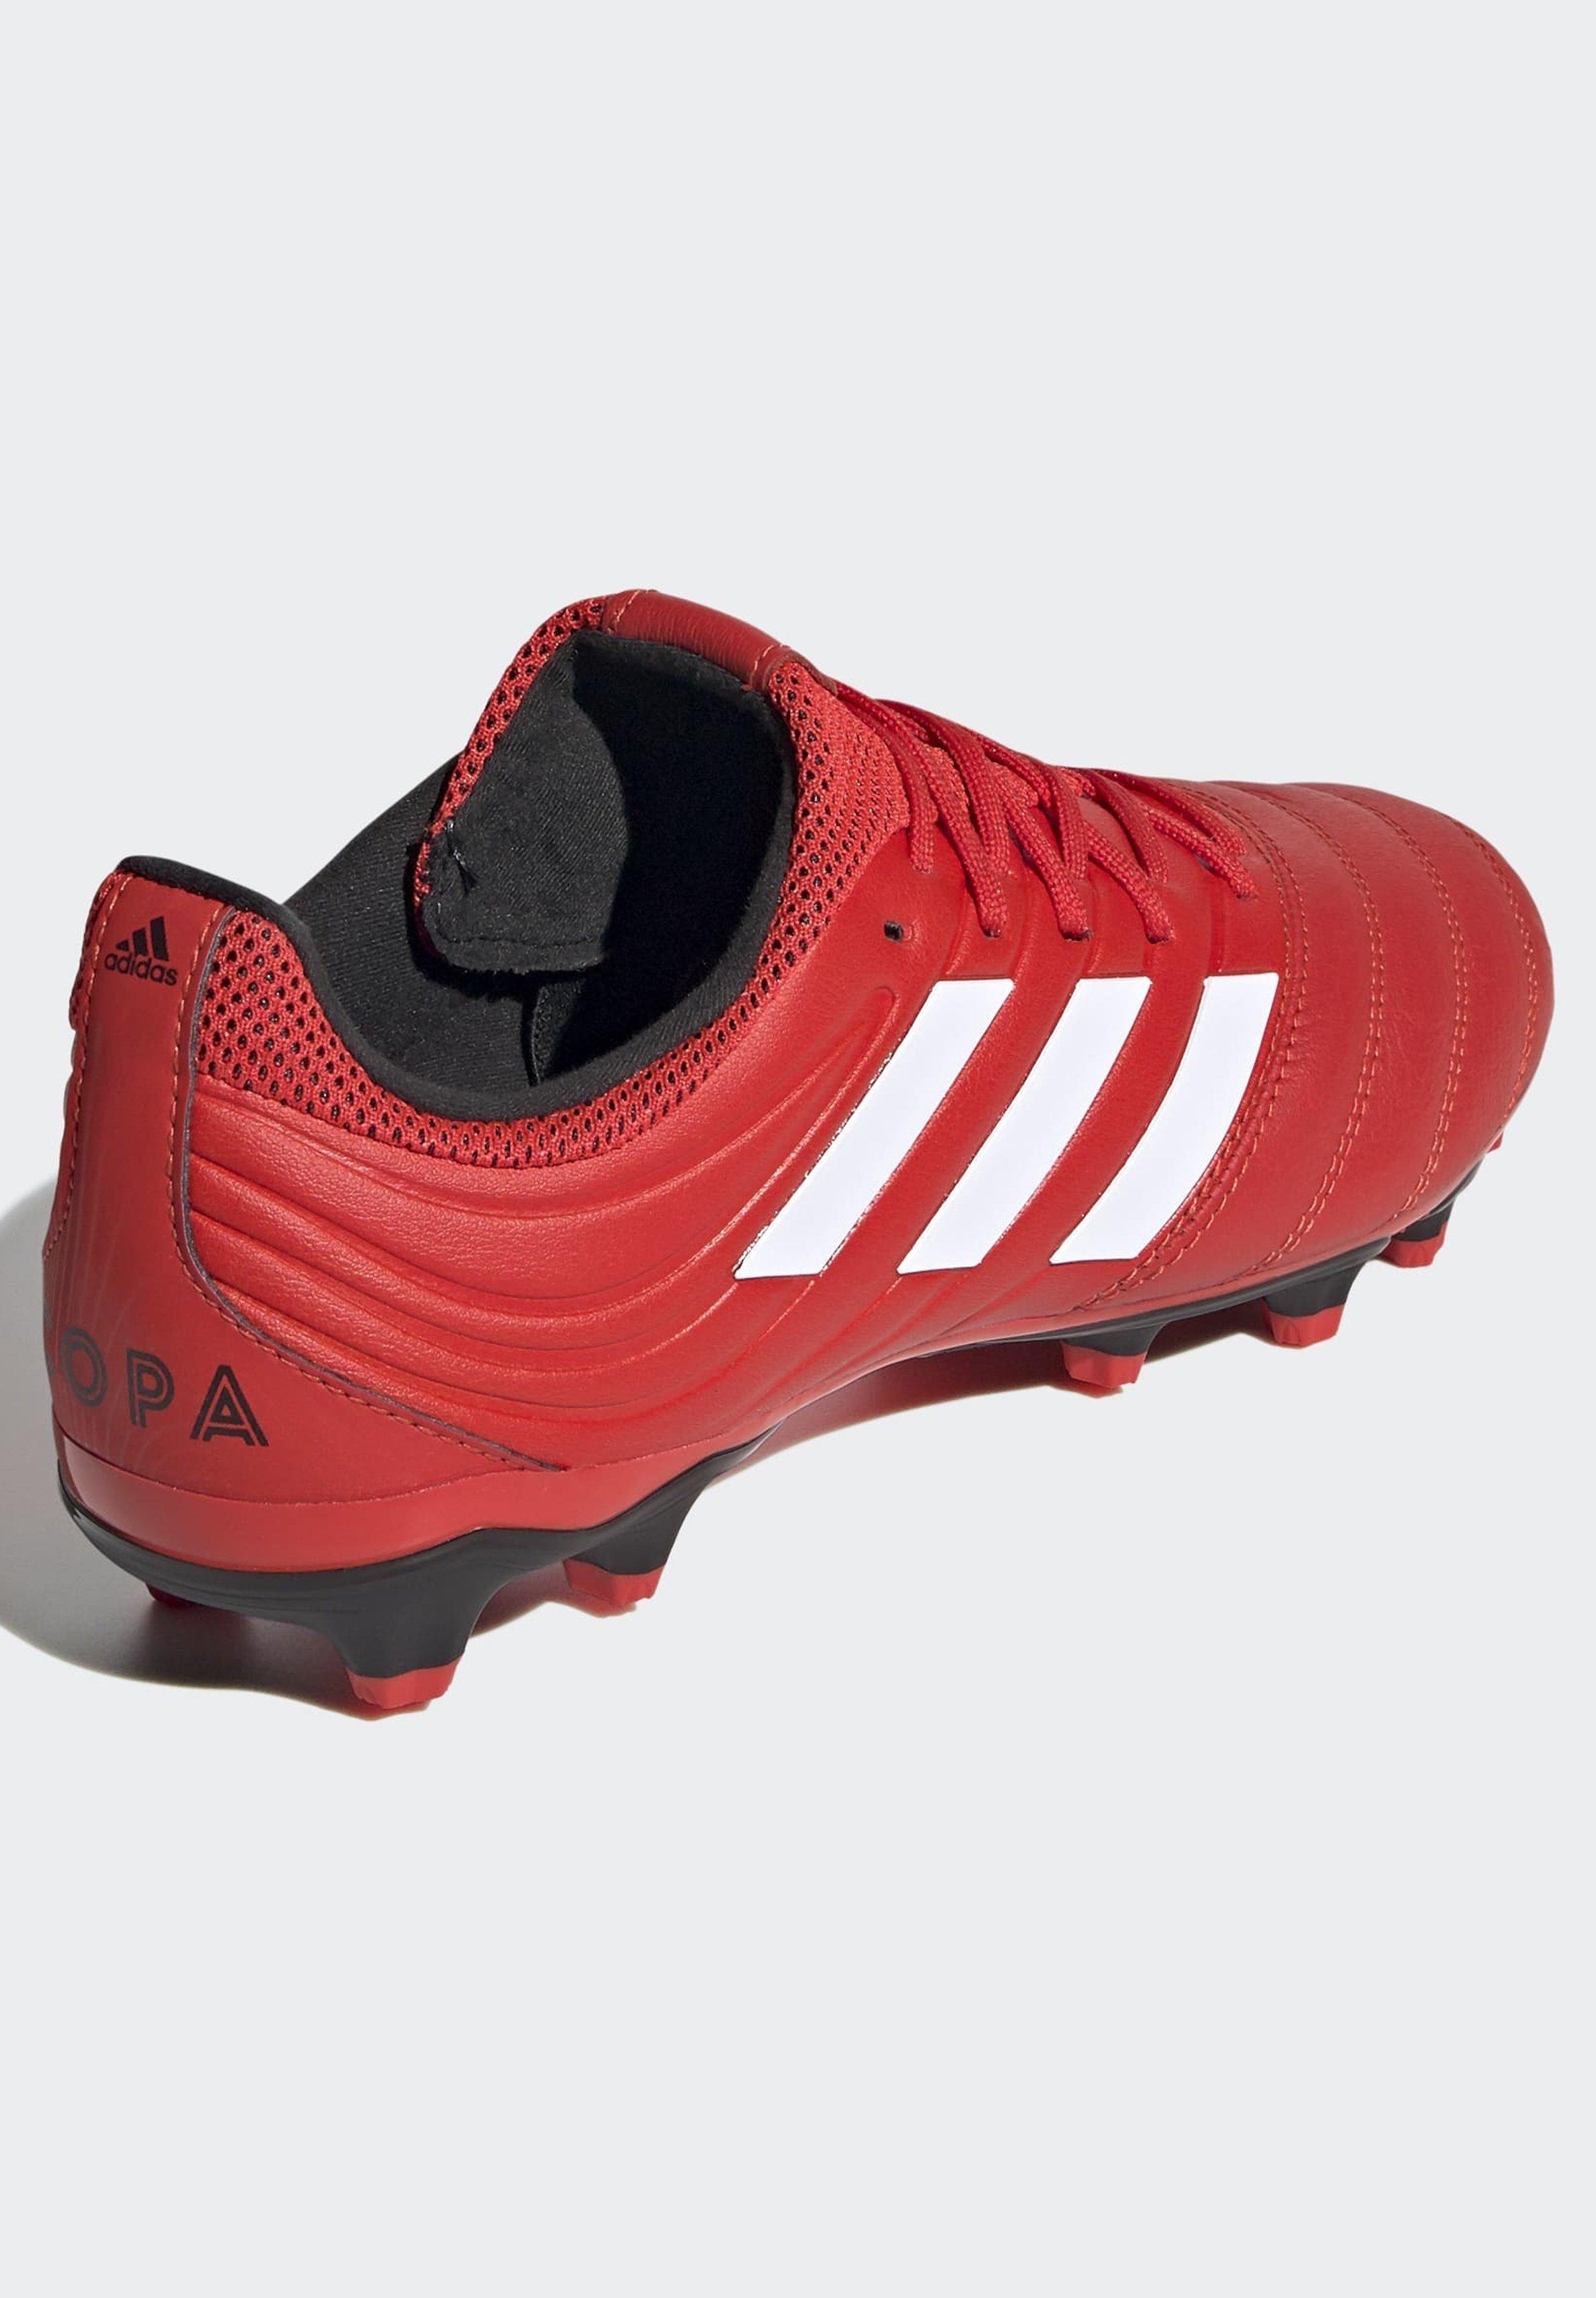 Adidas Performance Copa 20.3 Multi-ground Boots - Voetbalschoenen Met Kunststof Noppen Red Goedkope Schoenen